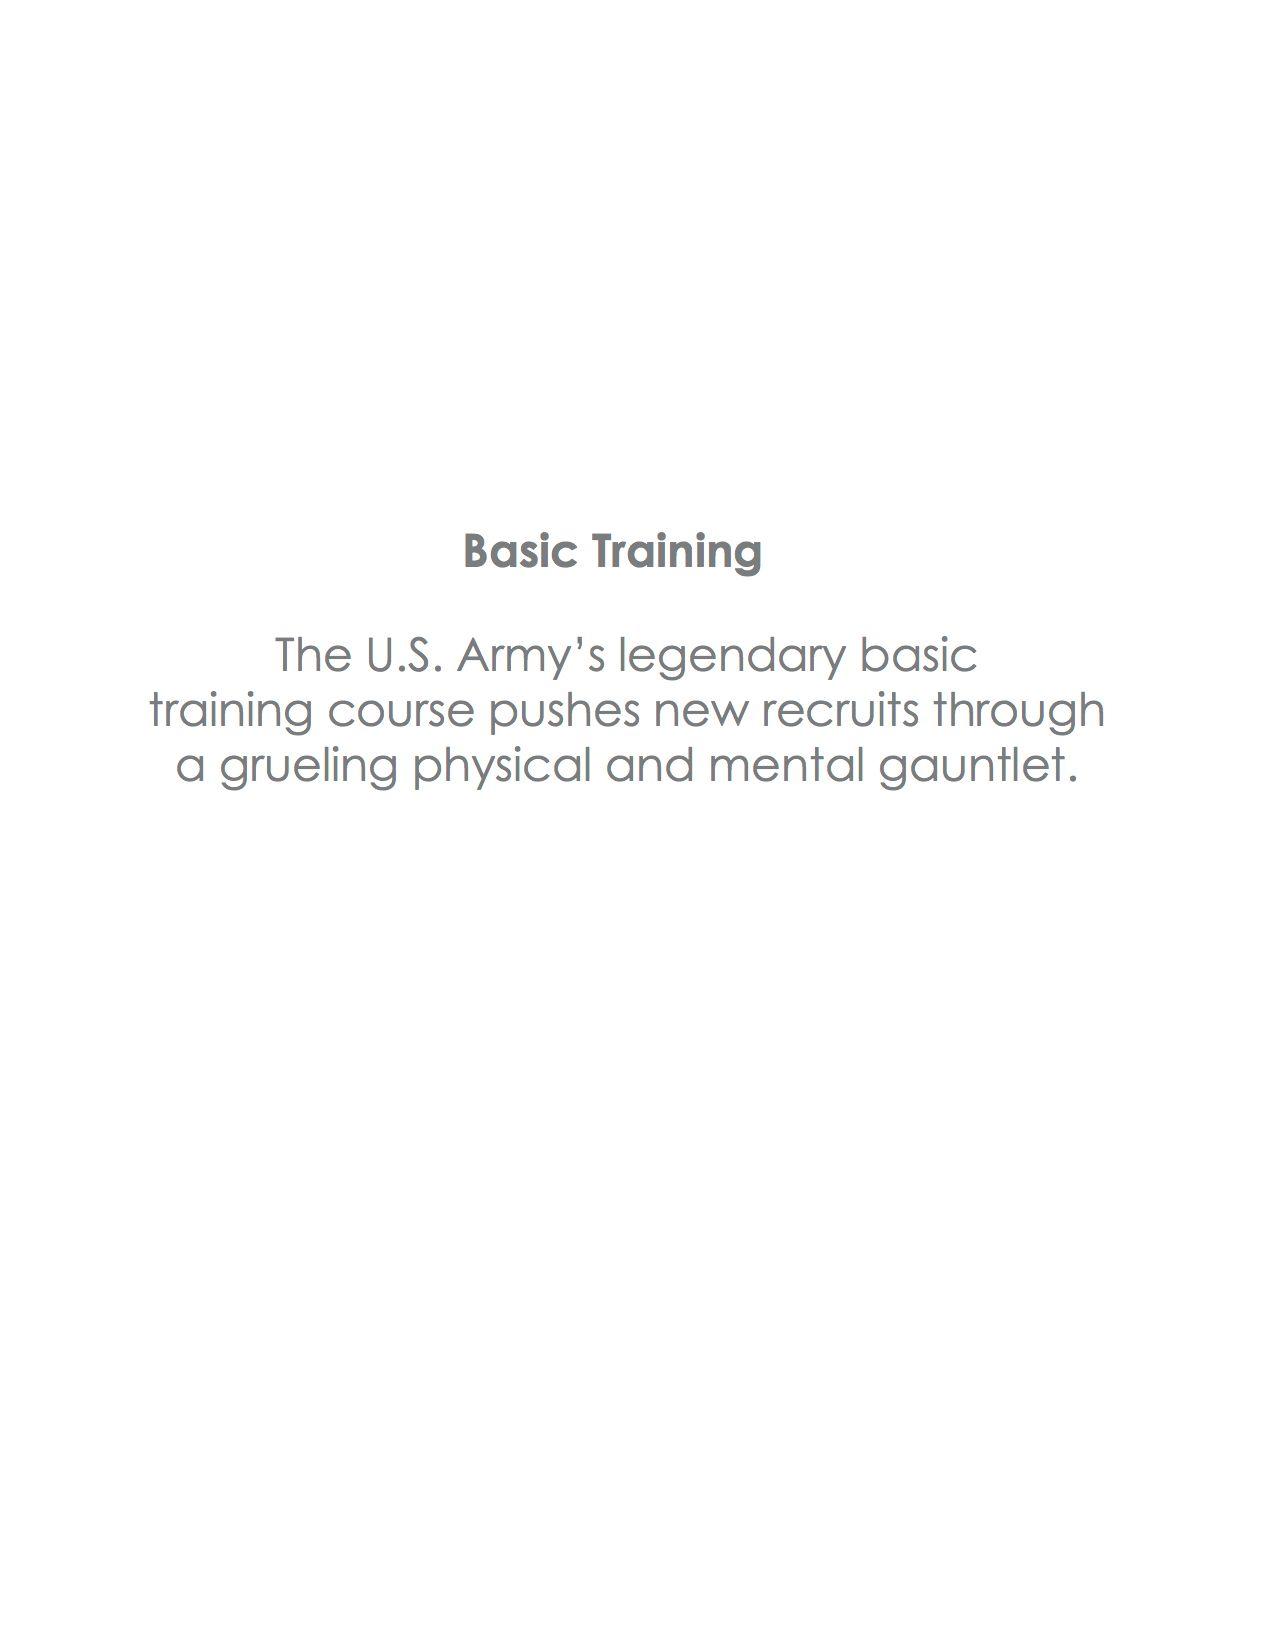 basic_training.jpg